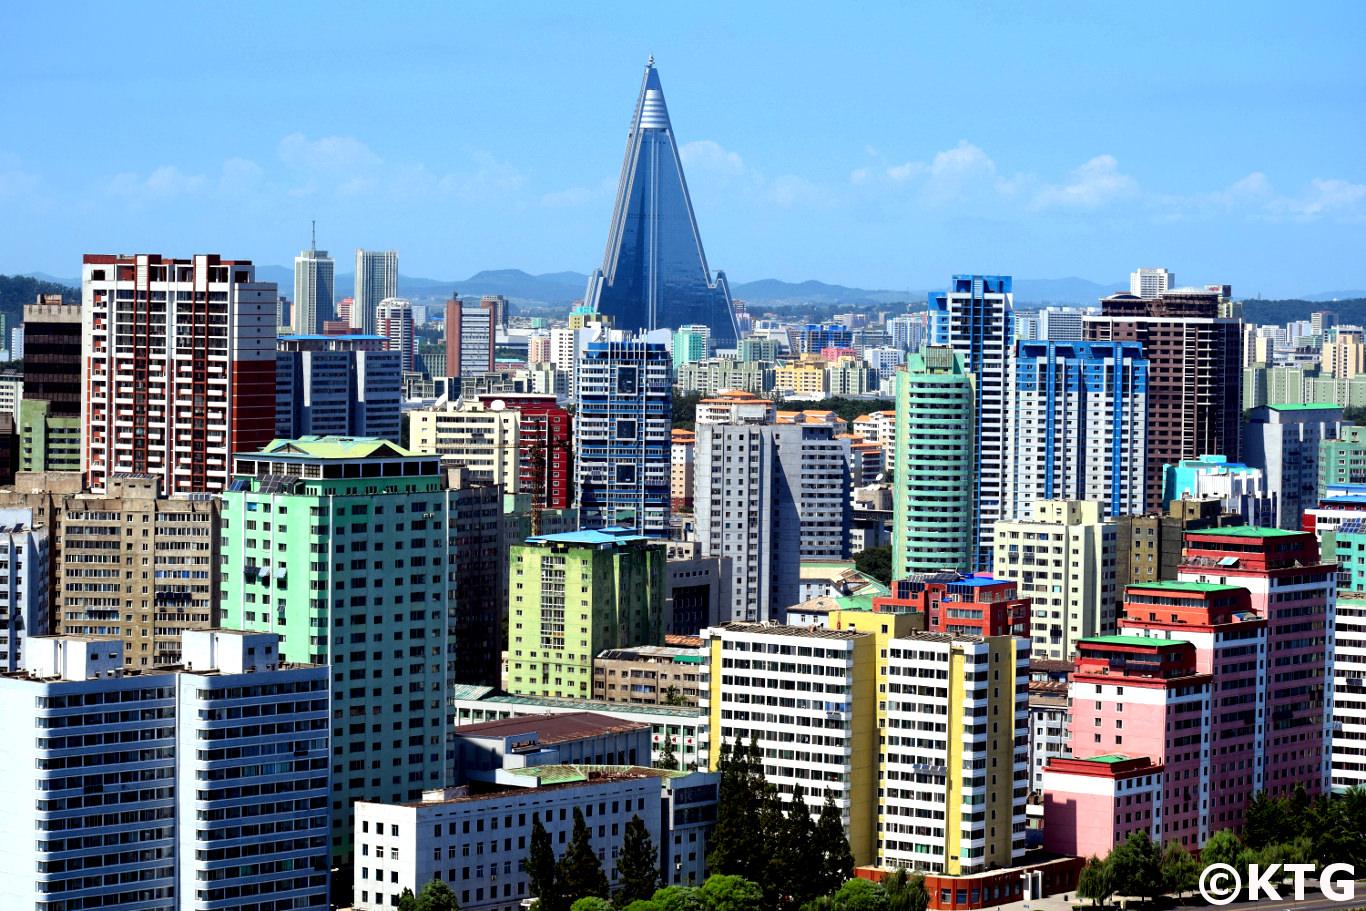 Fierté de la RPDC. L'hôtel Ryugyong se distingue sur la ligne d'horizon de Pyongyang. Photo prise par KTG Tours